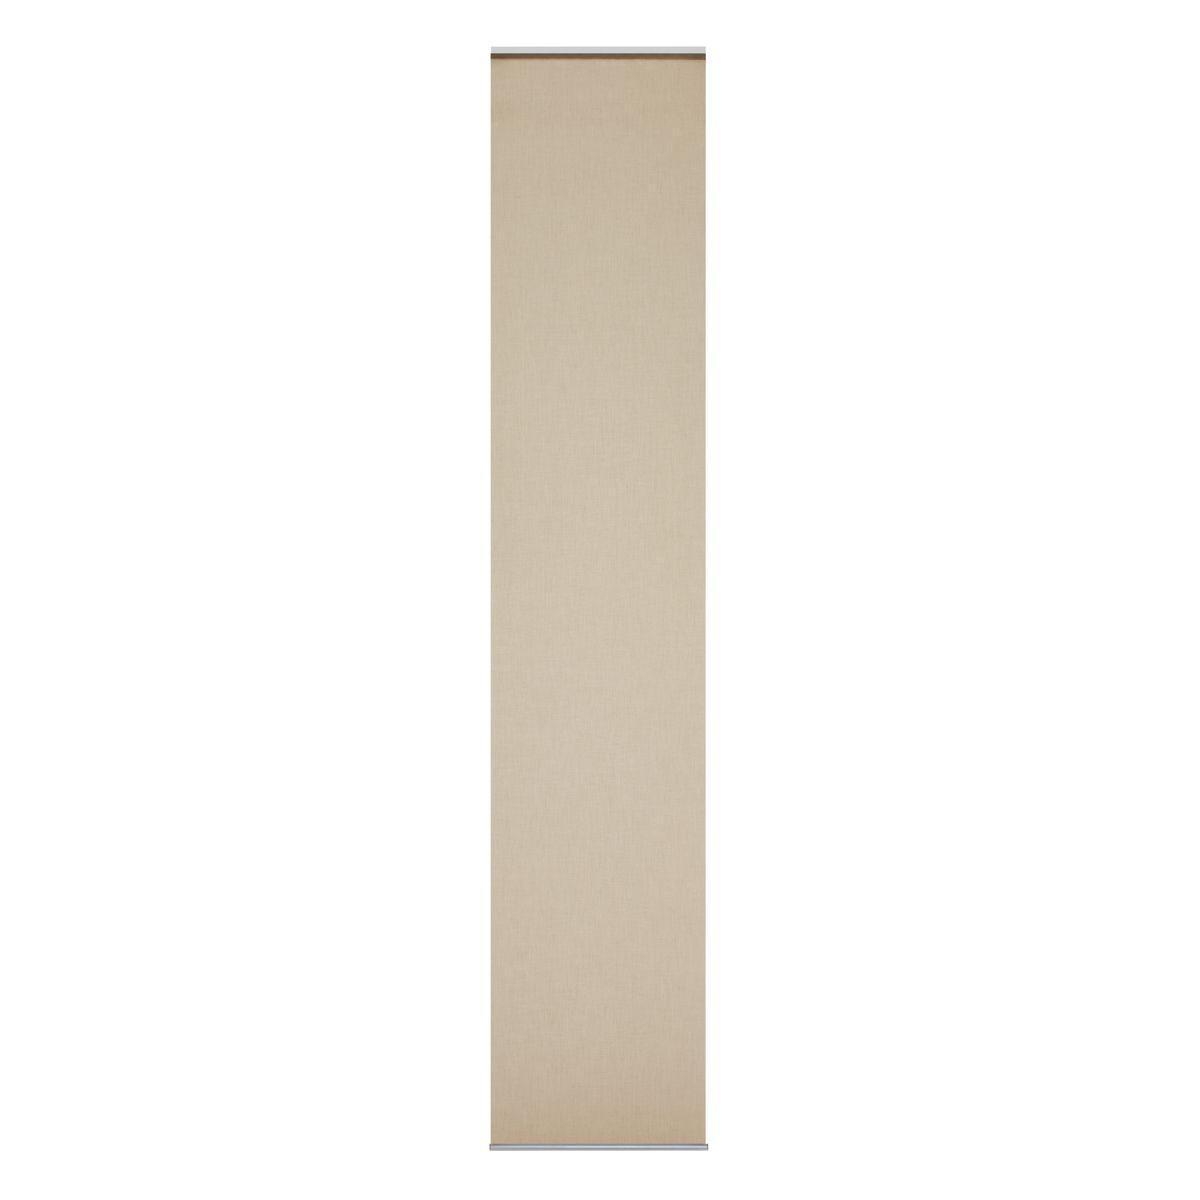 Decorazione Tenda A Pannello Molly Beige 60 X 300 Cm 33911500